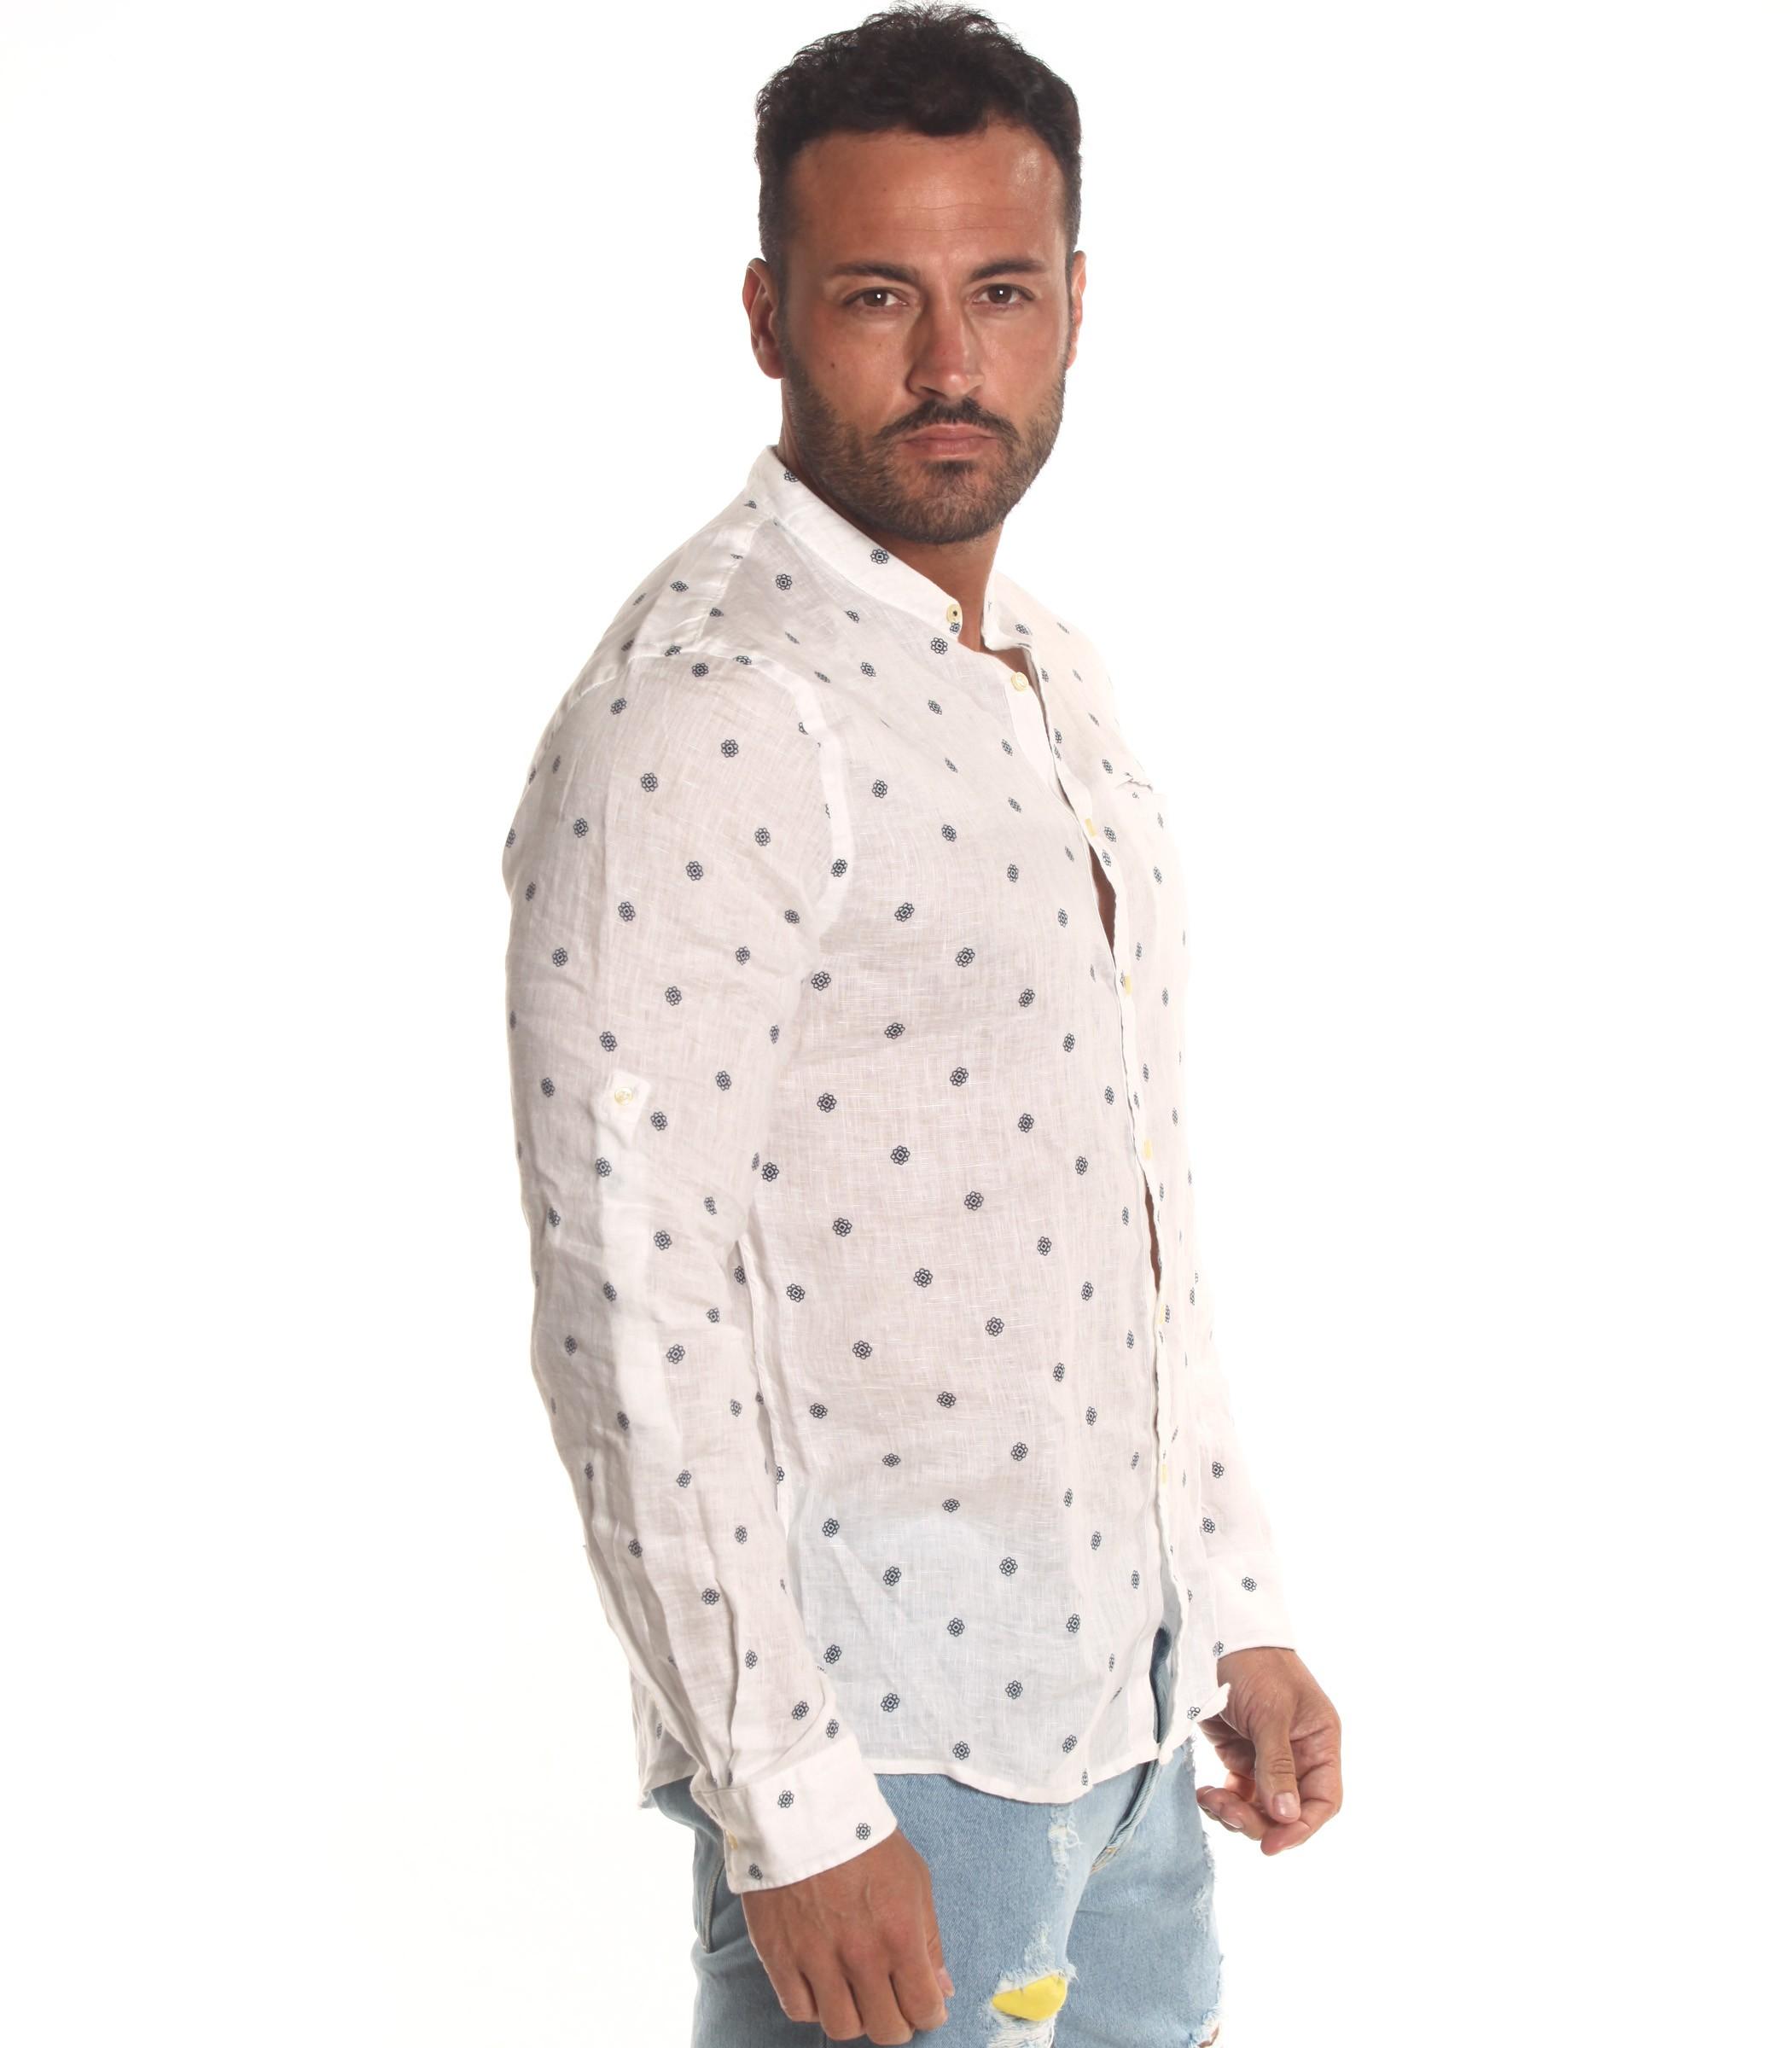 buy popular 2a9d8 0cc26 Camicia OUTFIT di lino collo coreana e fantasia da uomo ...